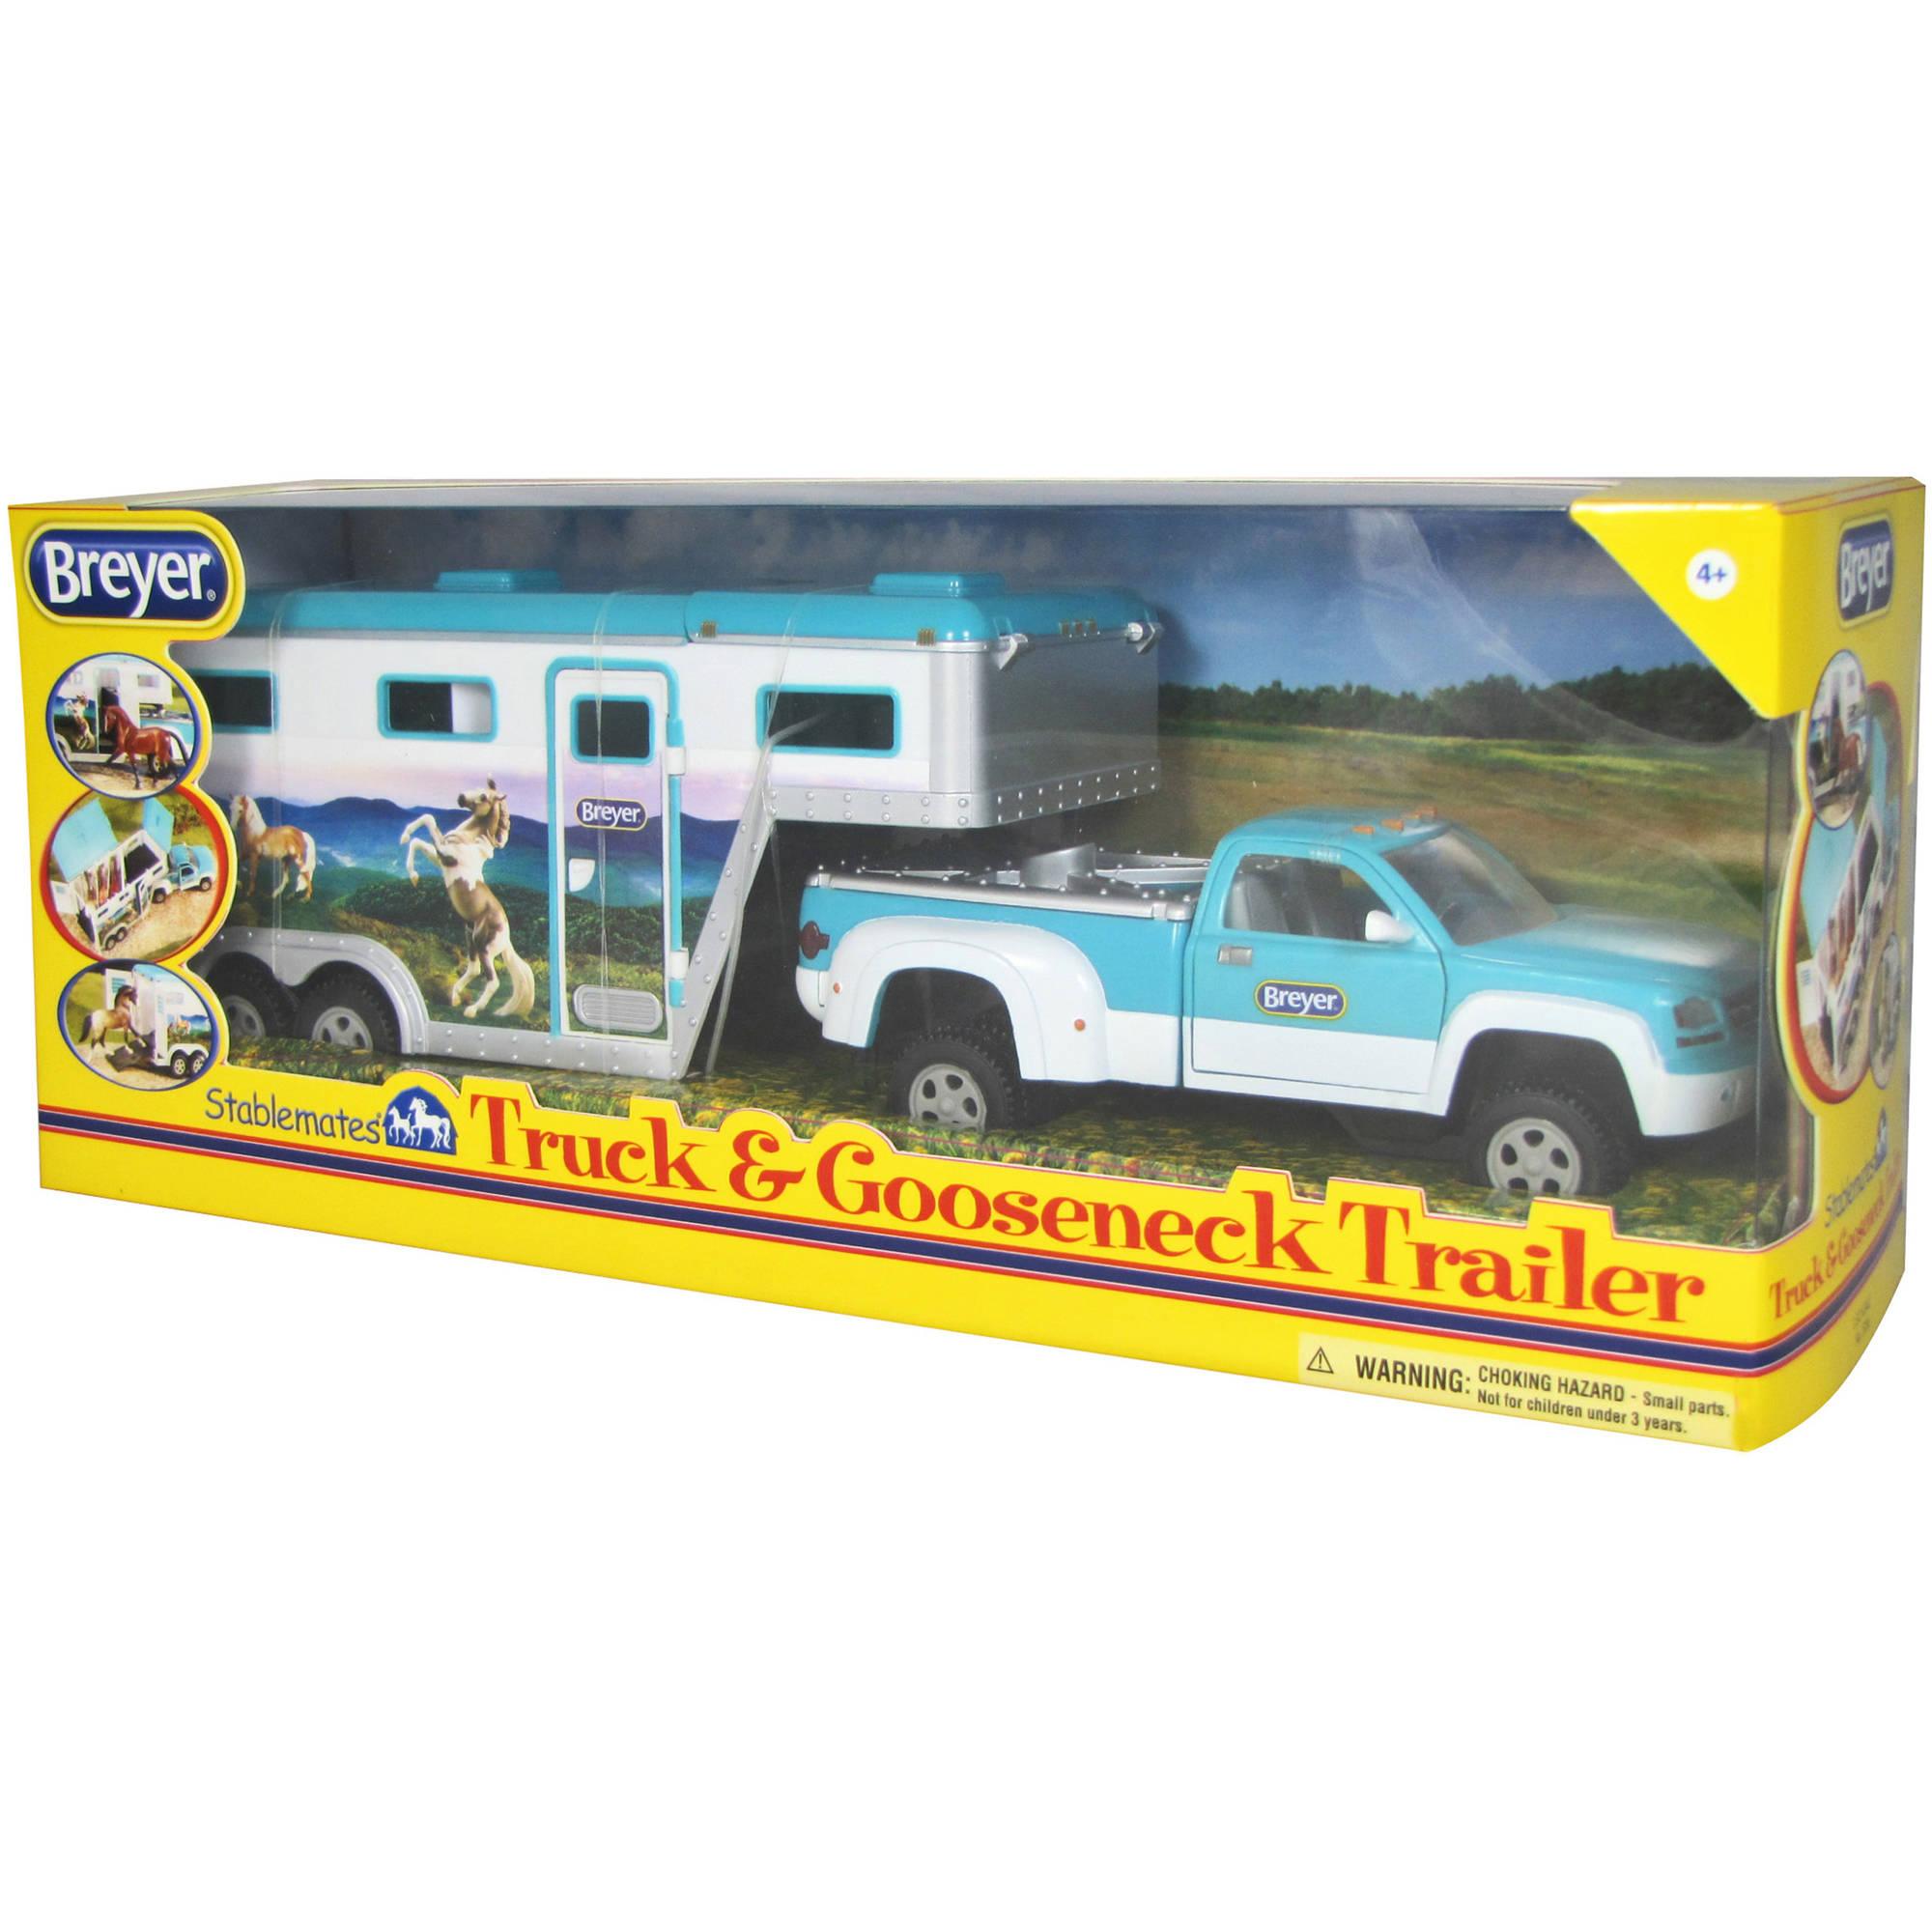 Breyer Stablemates Truck & Gooseneck Horse Trailer by Breyer